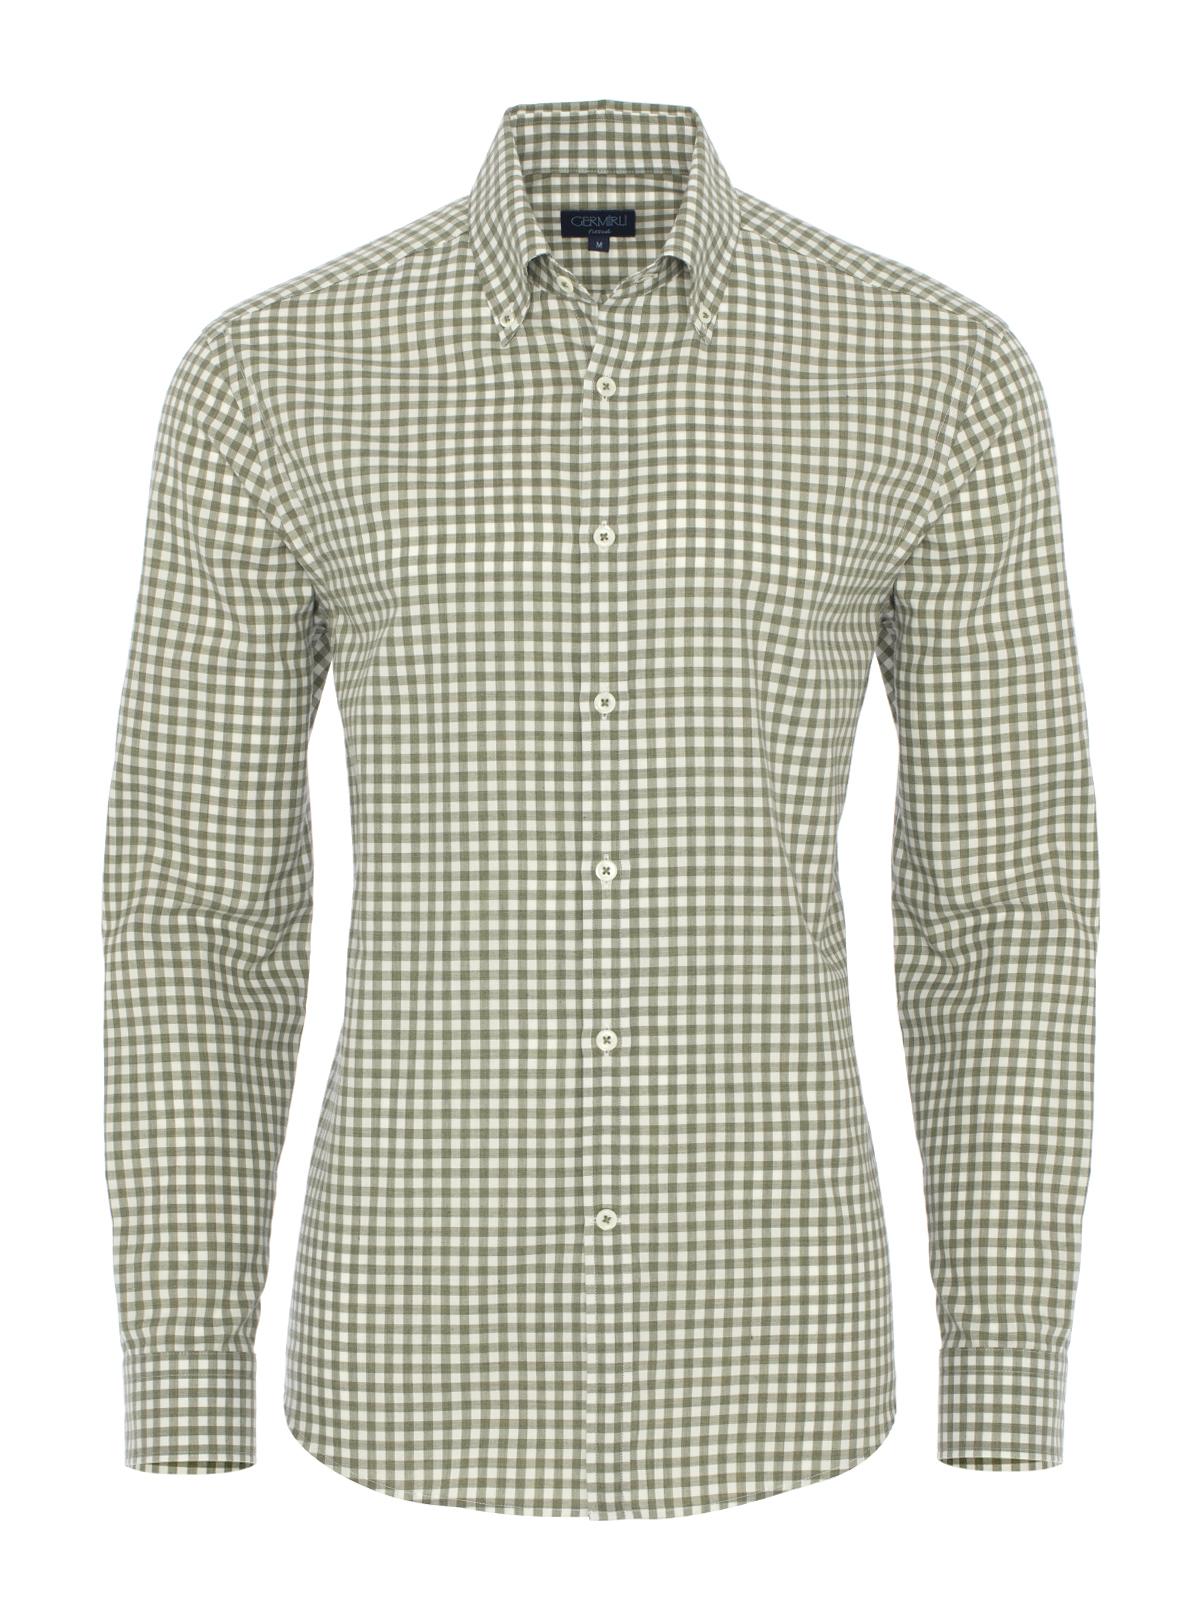 Germirli Yeşil Beyaz Kareli Flanel Tailor Fit Gömlek